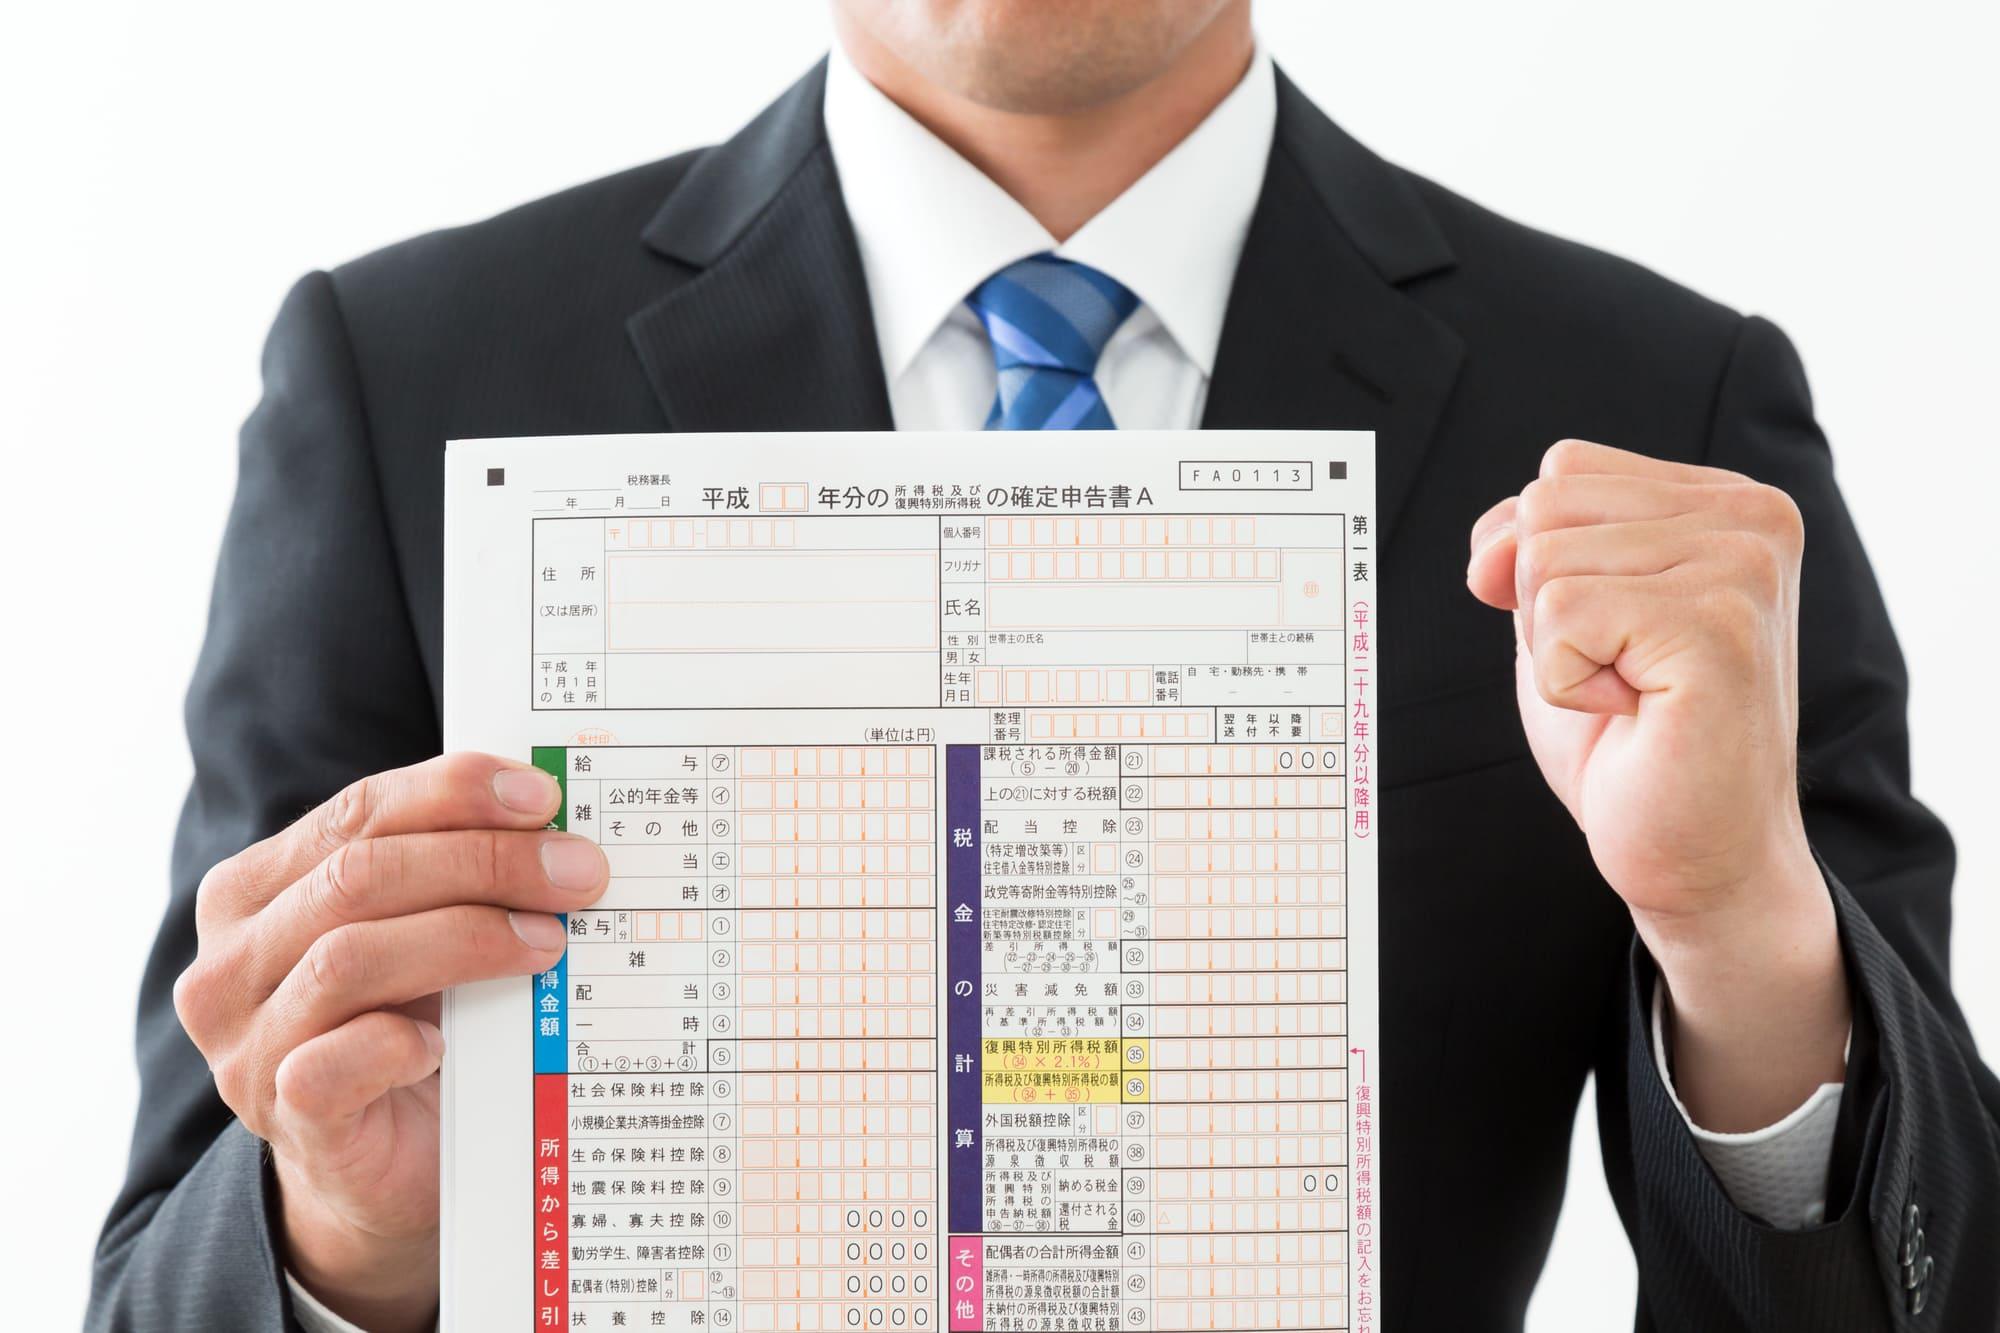 ふるさと納税の確定申告マニュアル!やり方・必要書類までまるわかりガイド!